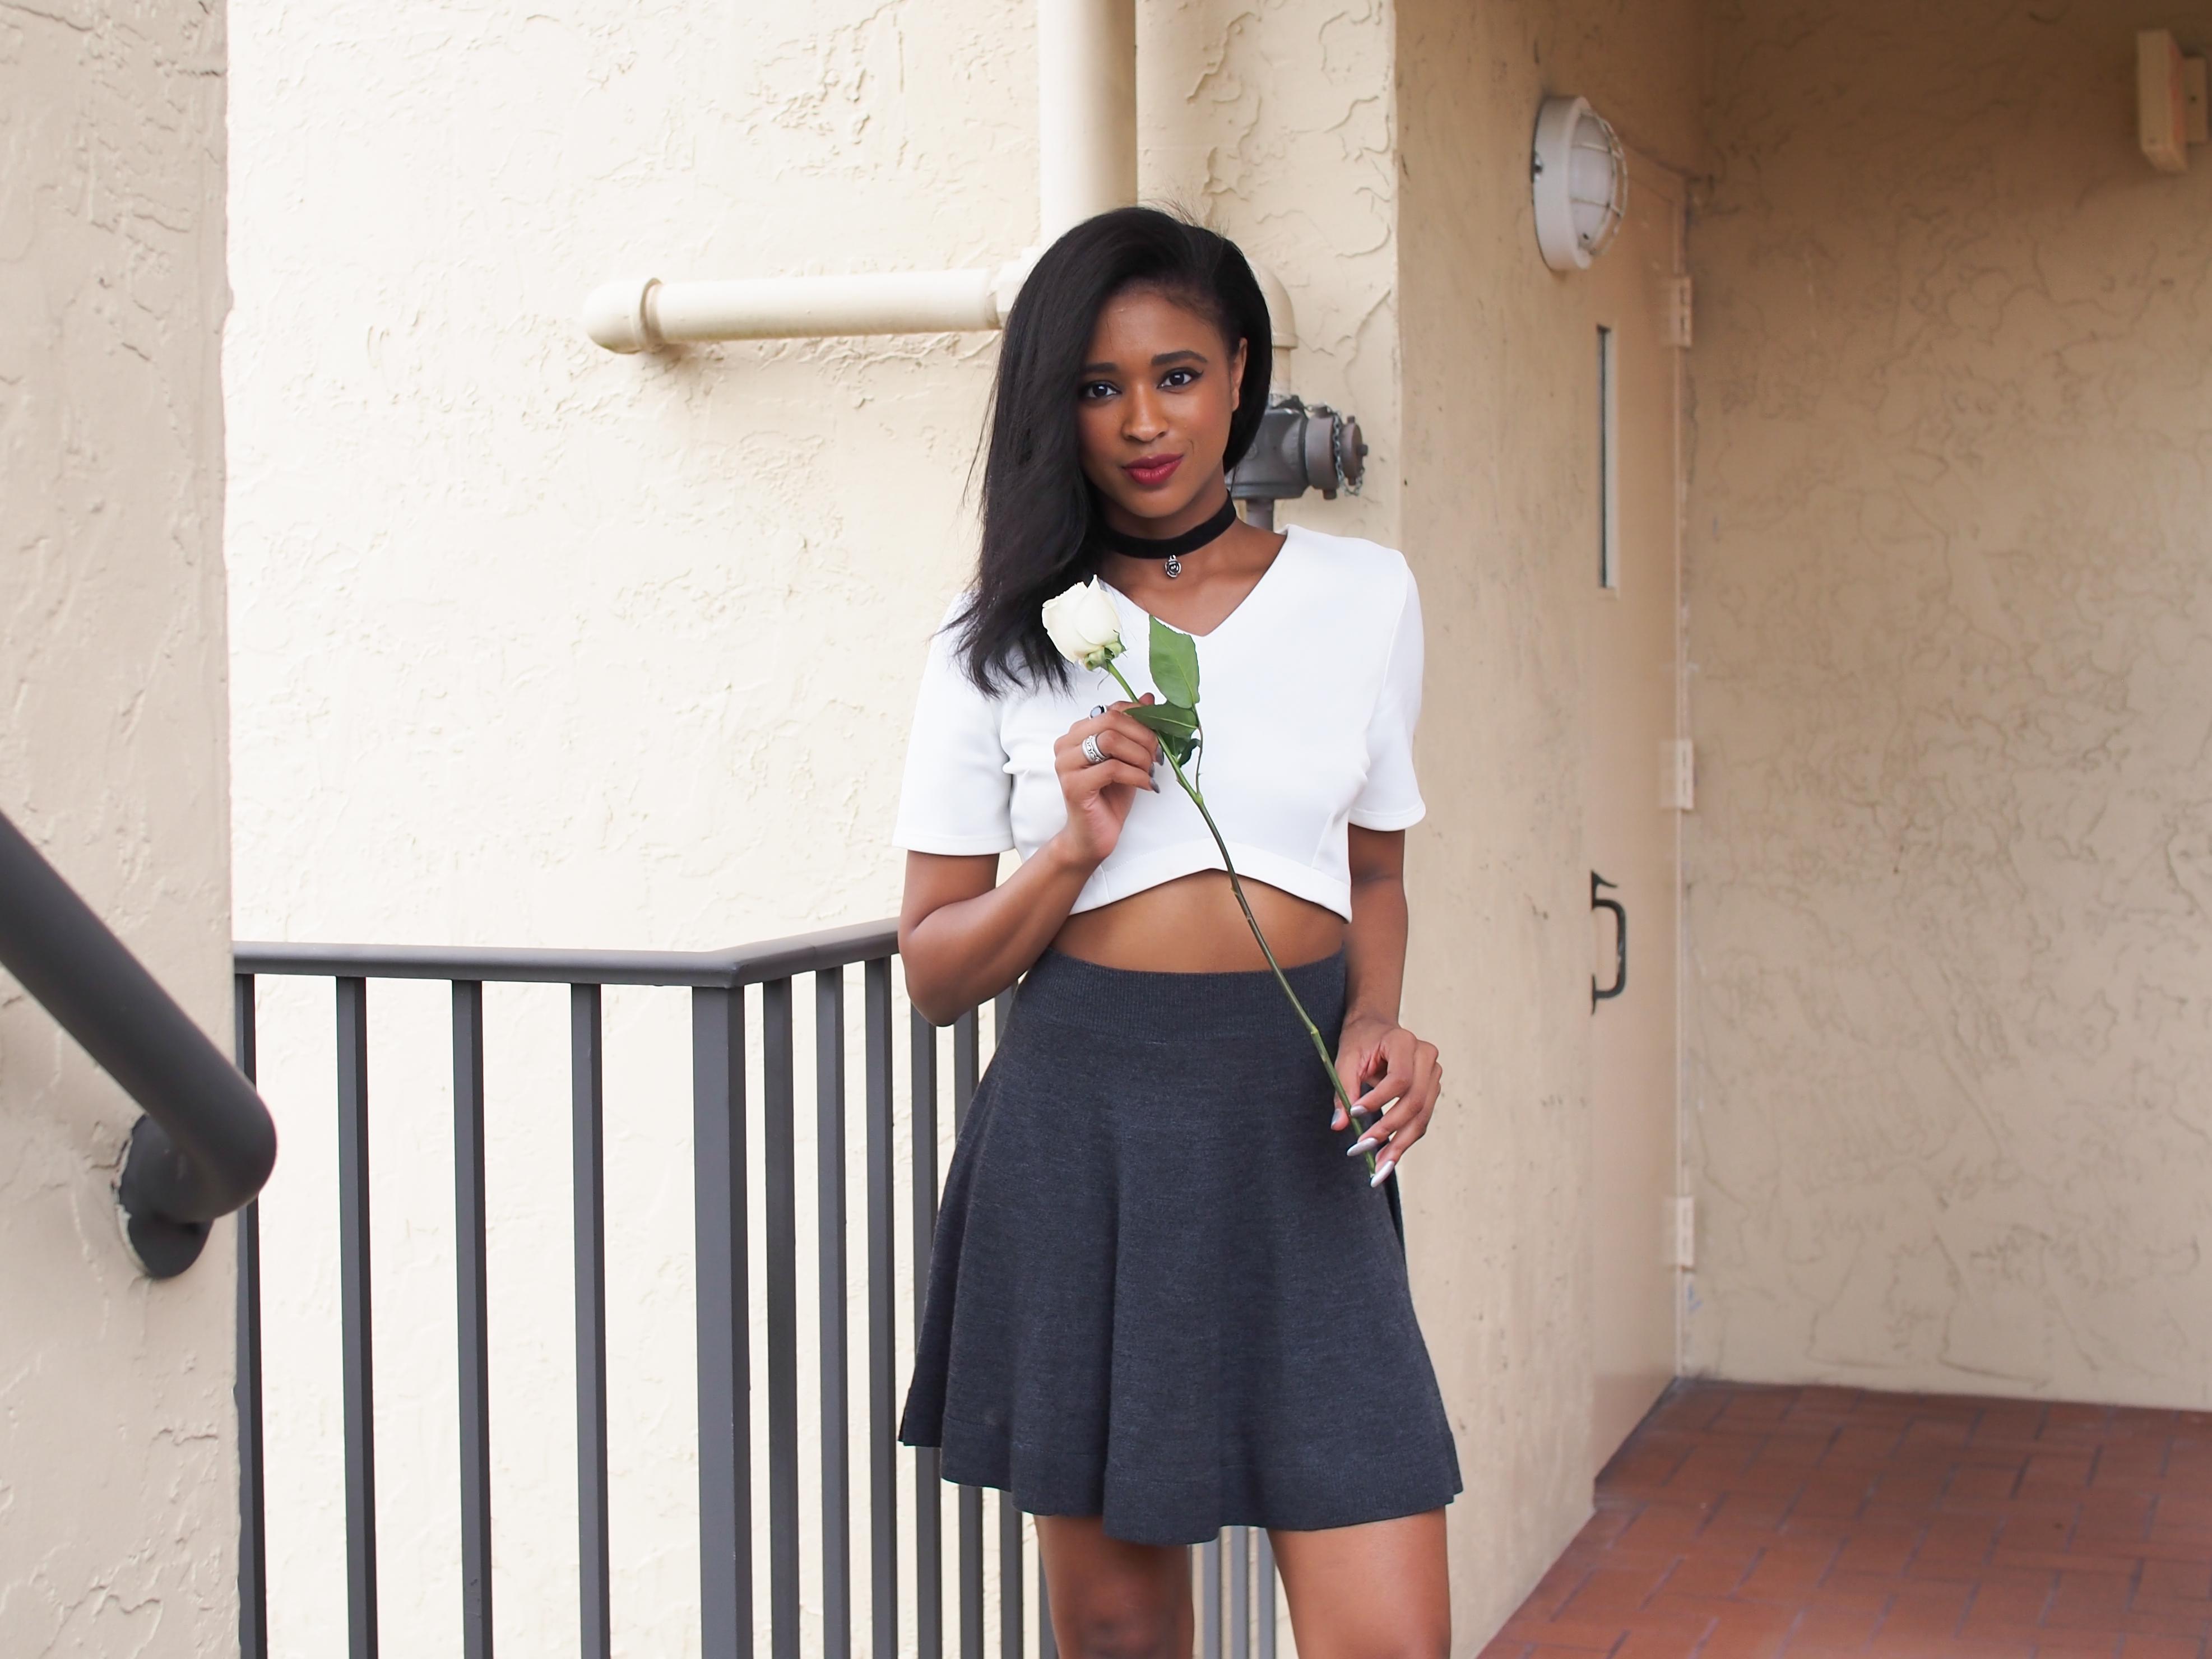 asos-white-crop-top-miami-fashion-blogger